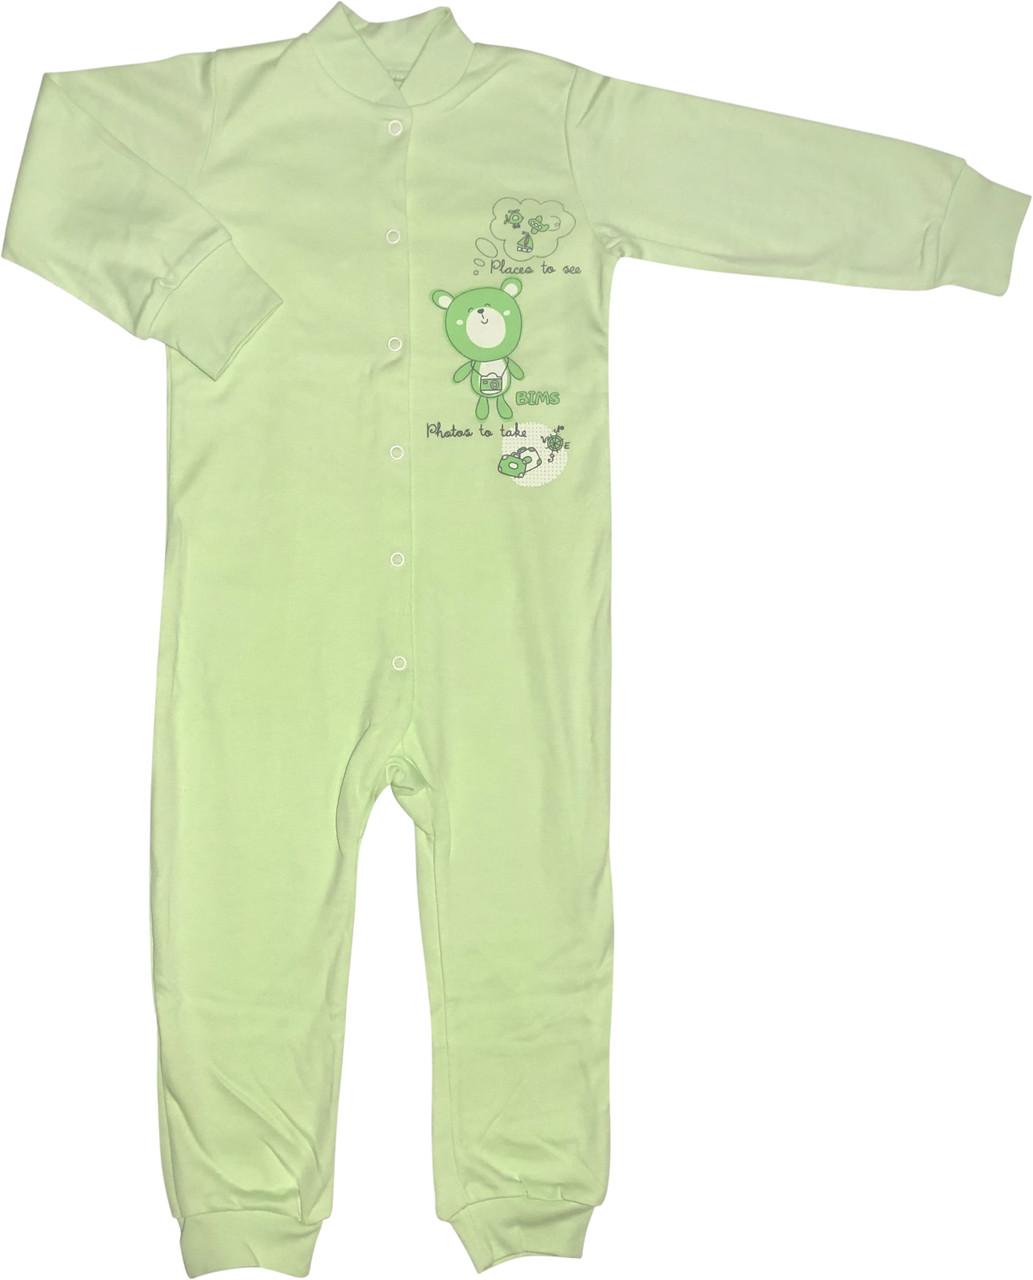 Чоловічок для малюків зростання 98 2-3 роки на хлопчика дівчинку сліп з відритими ніжками трикотажний салатовий